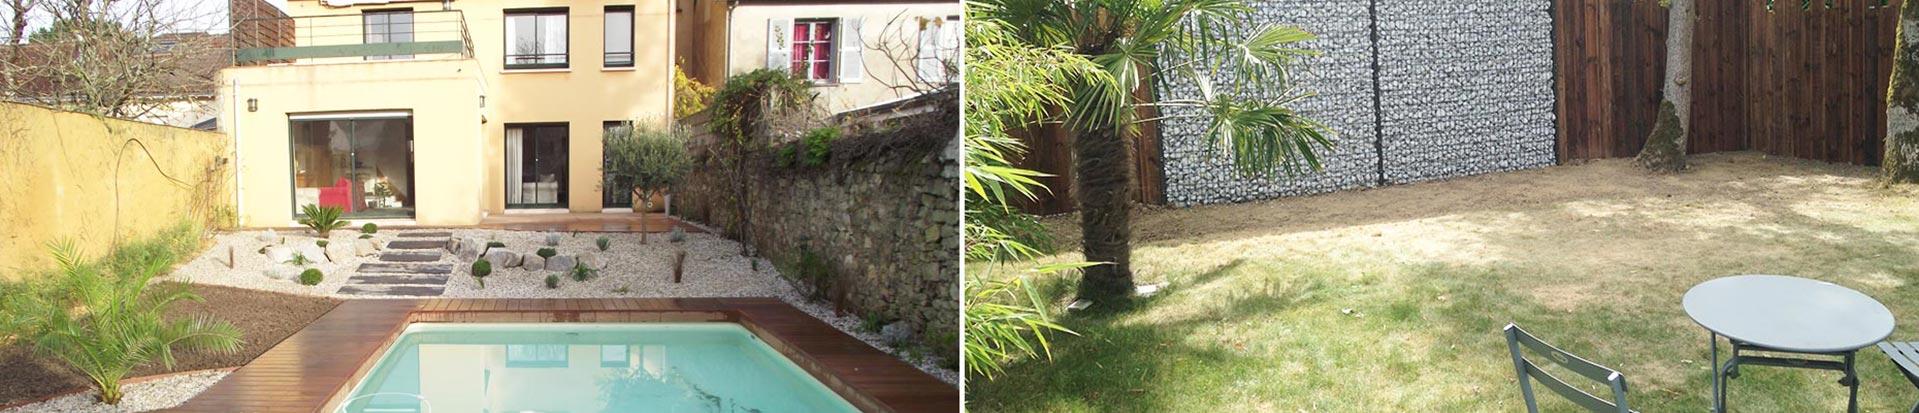 Paysagiste Nantes Avis livre d'or des jardins modernes à nantes